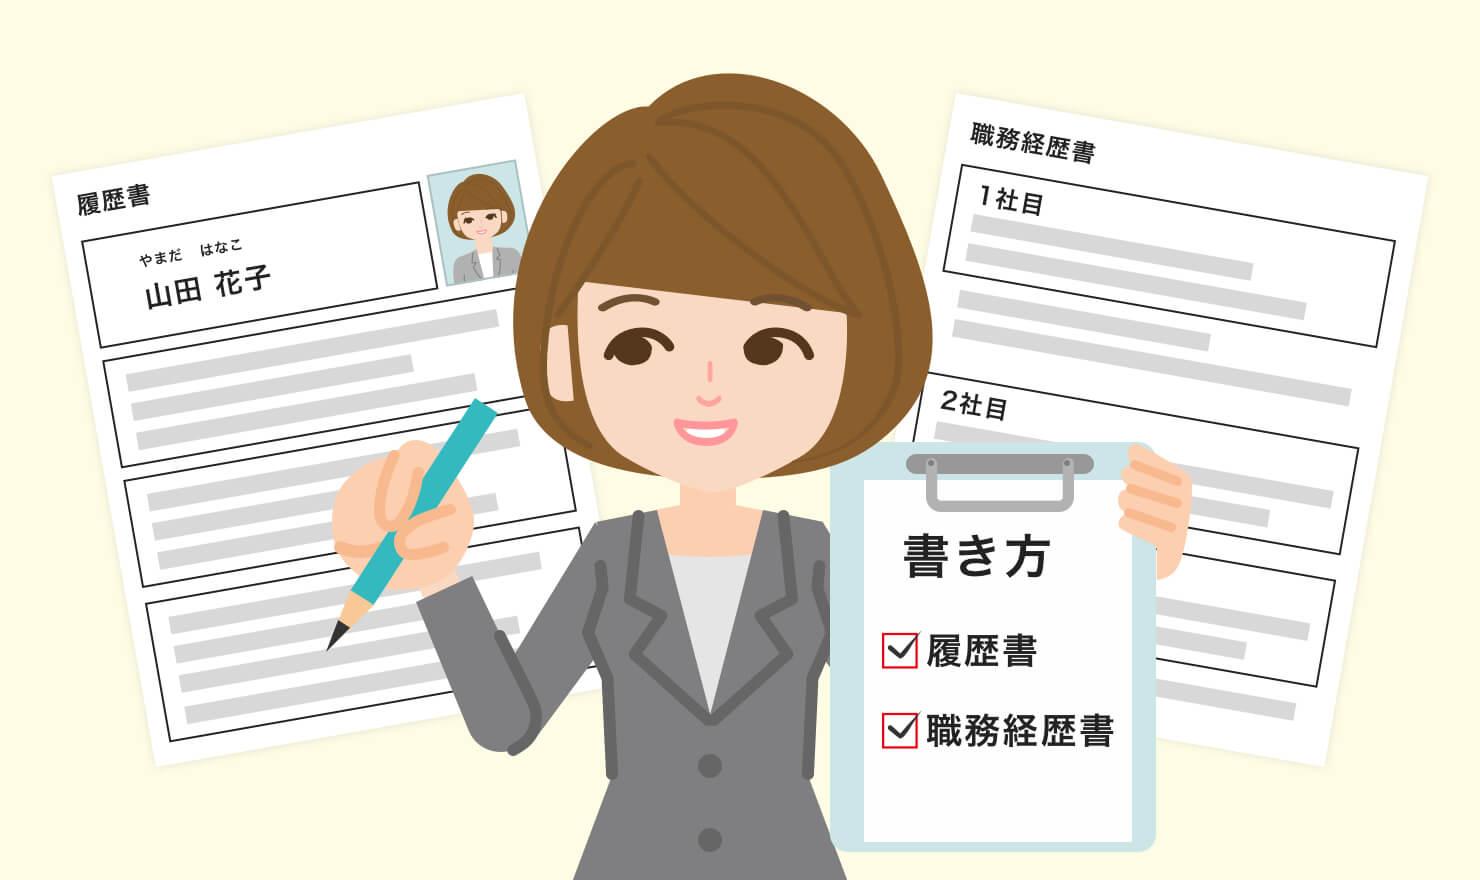 記入前に知っておきたい!履歴書と職務経歴書の違いと正しい書き方まとめ